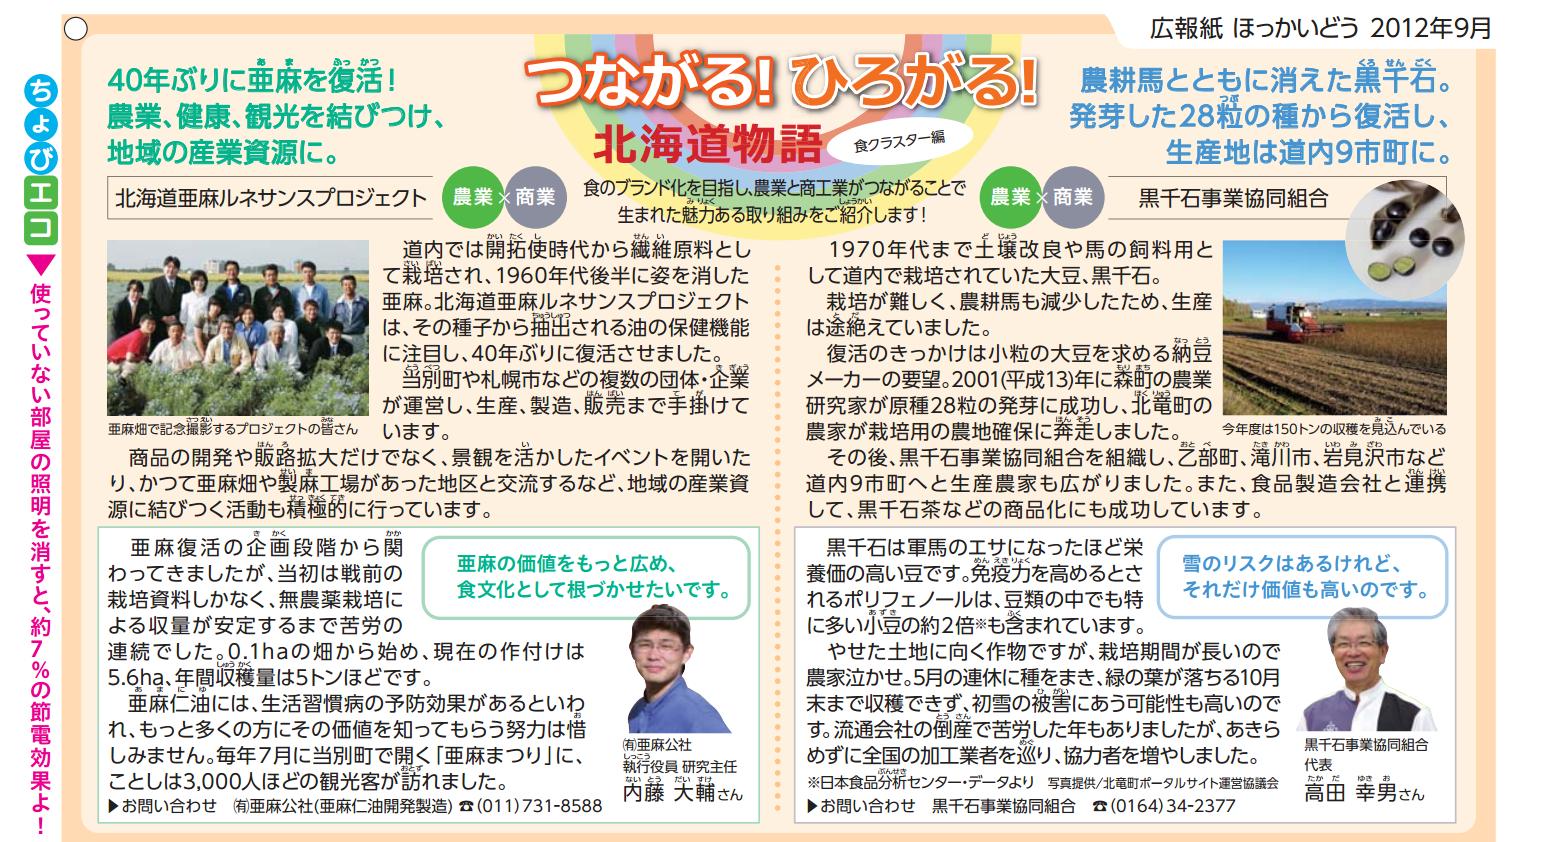 広報紙「ほっかいどう」2012年9月